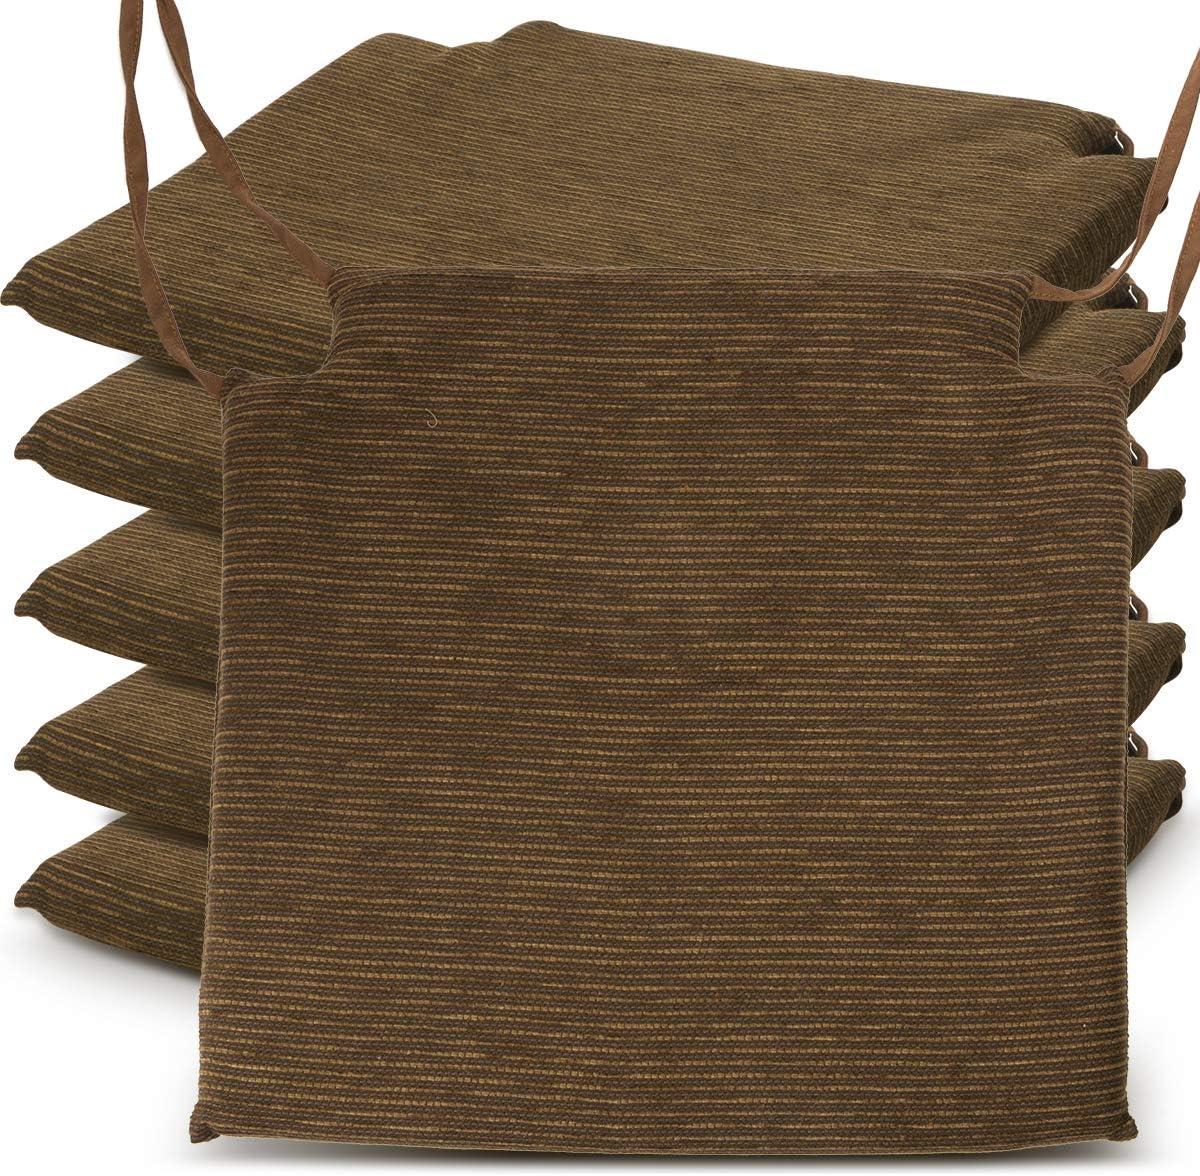 BCASE, Pack de 6 Cojines de Asiento y Silla Espuma Fantasy, 40x40cm, Desenfundable con Cremallera, Cómodos, Resistentes, Fácil de Limpiar, para Cocina, Cuarto,Etc. Marrón